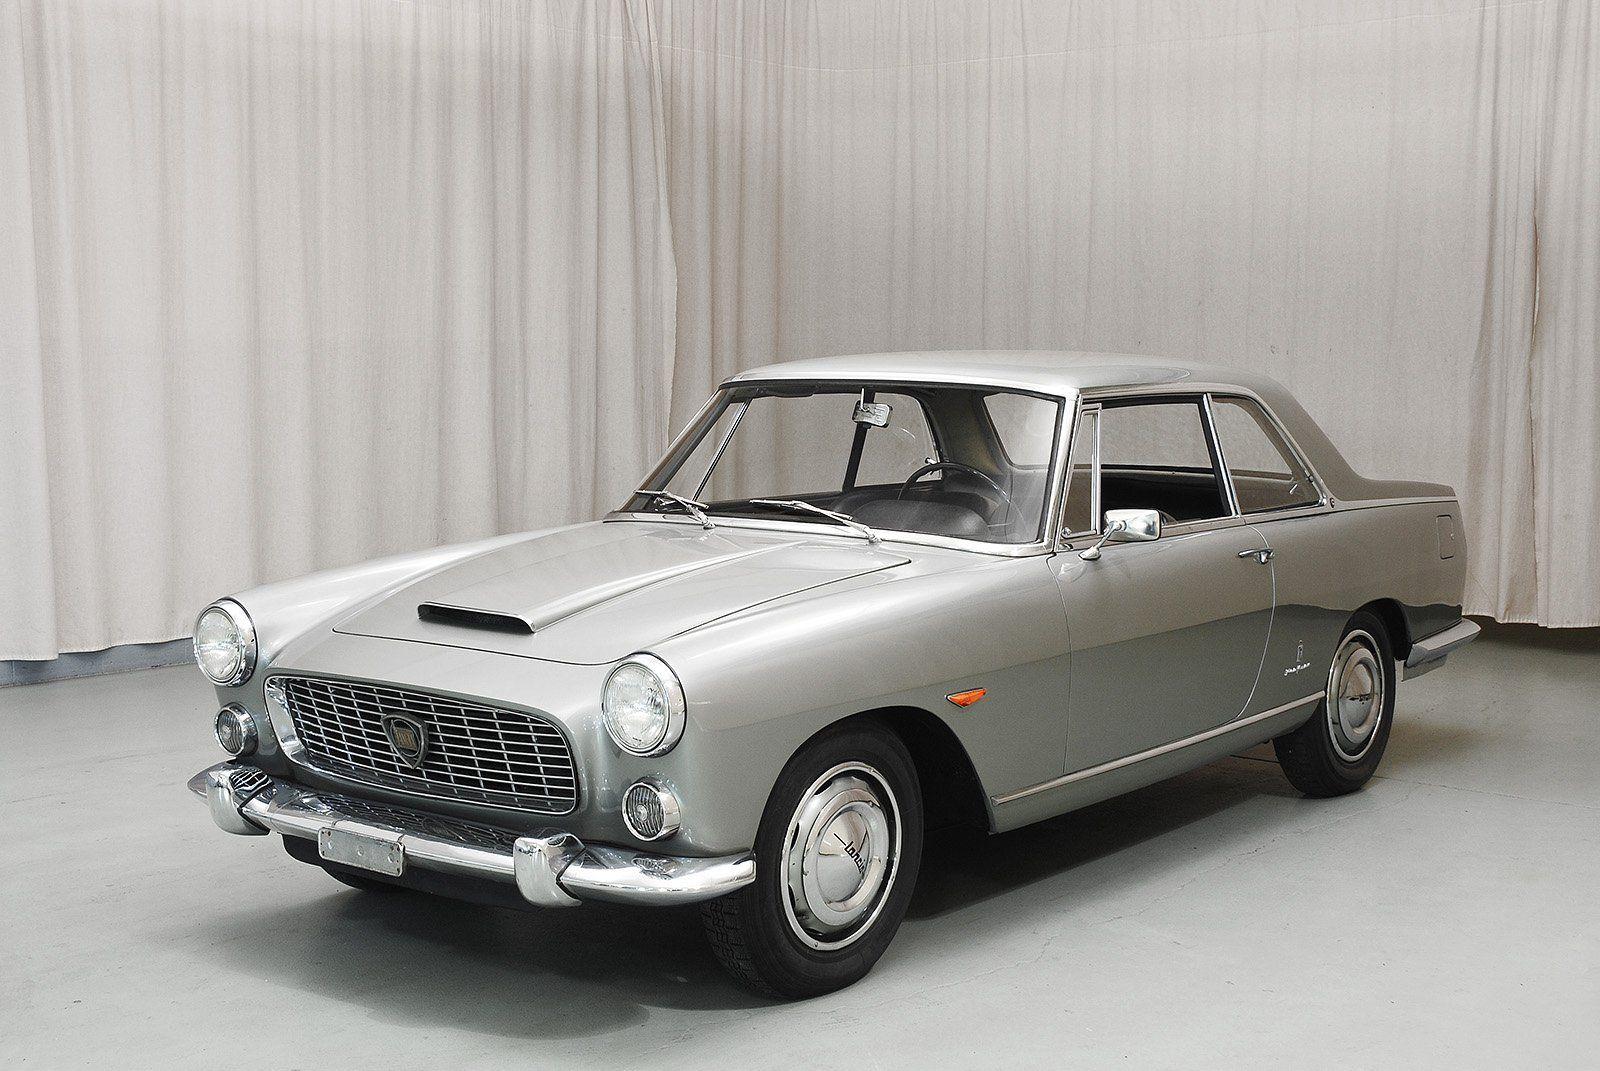 1964 Lancia Flaminia Coupe - Hyman Ltd. Classic Cars | classic car ...